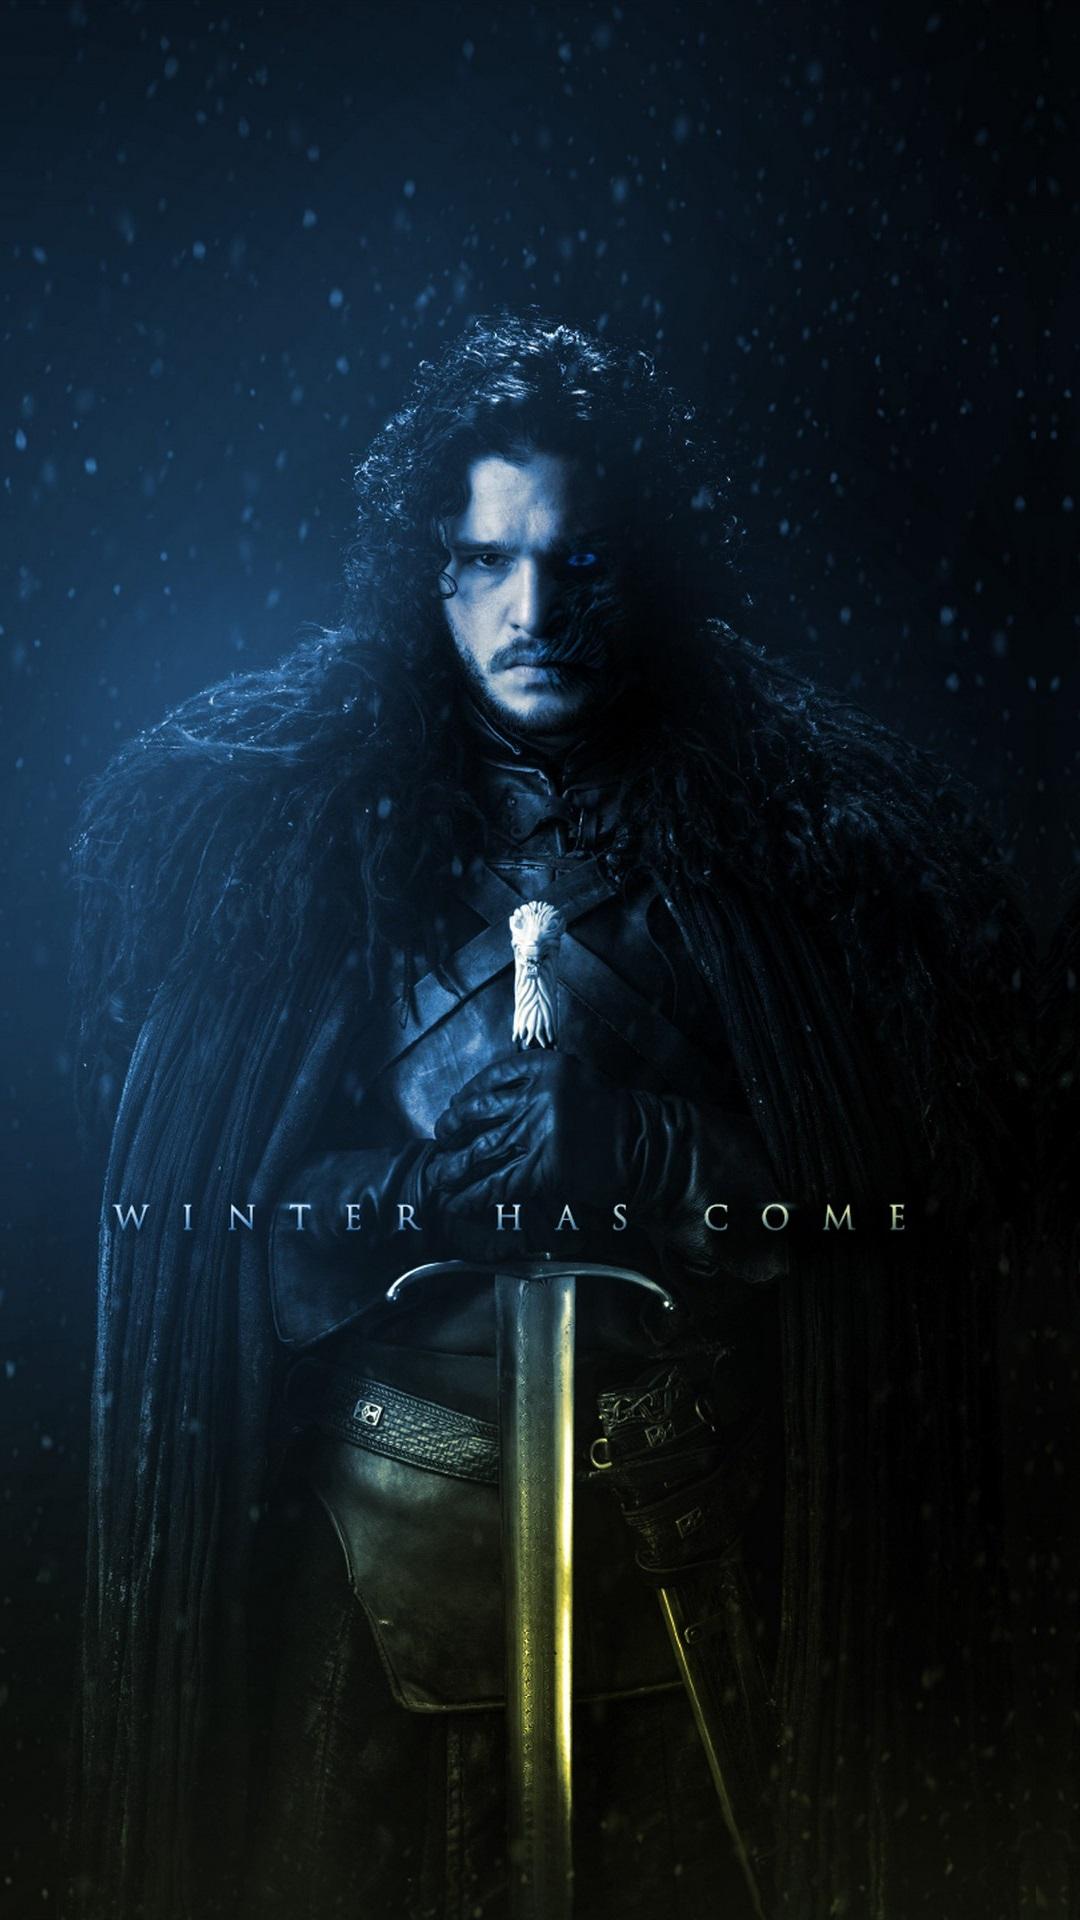 Game of Thrones Wallpaper iPhone 2019 3D iPhone Wallpaper 1080x1920